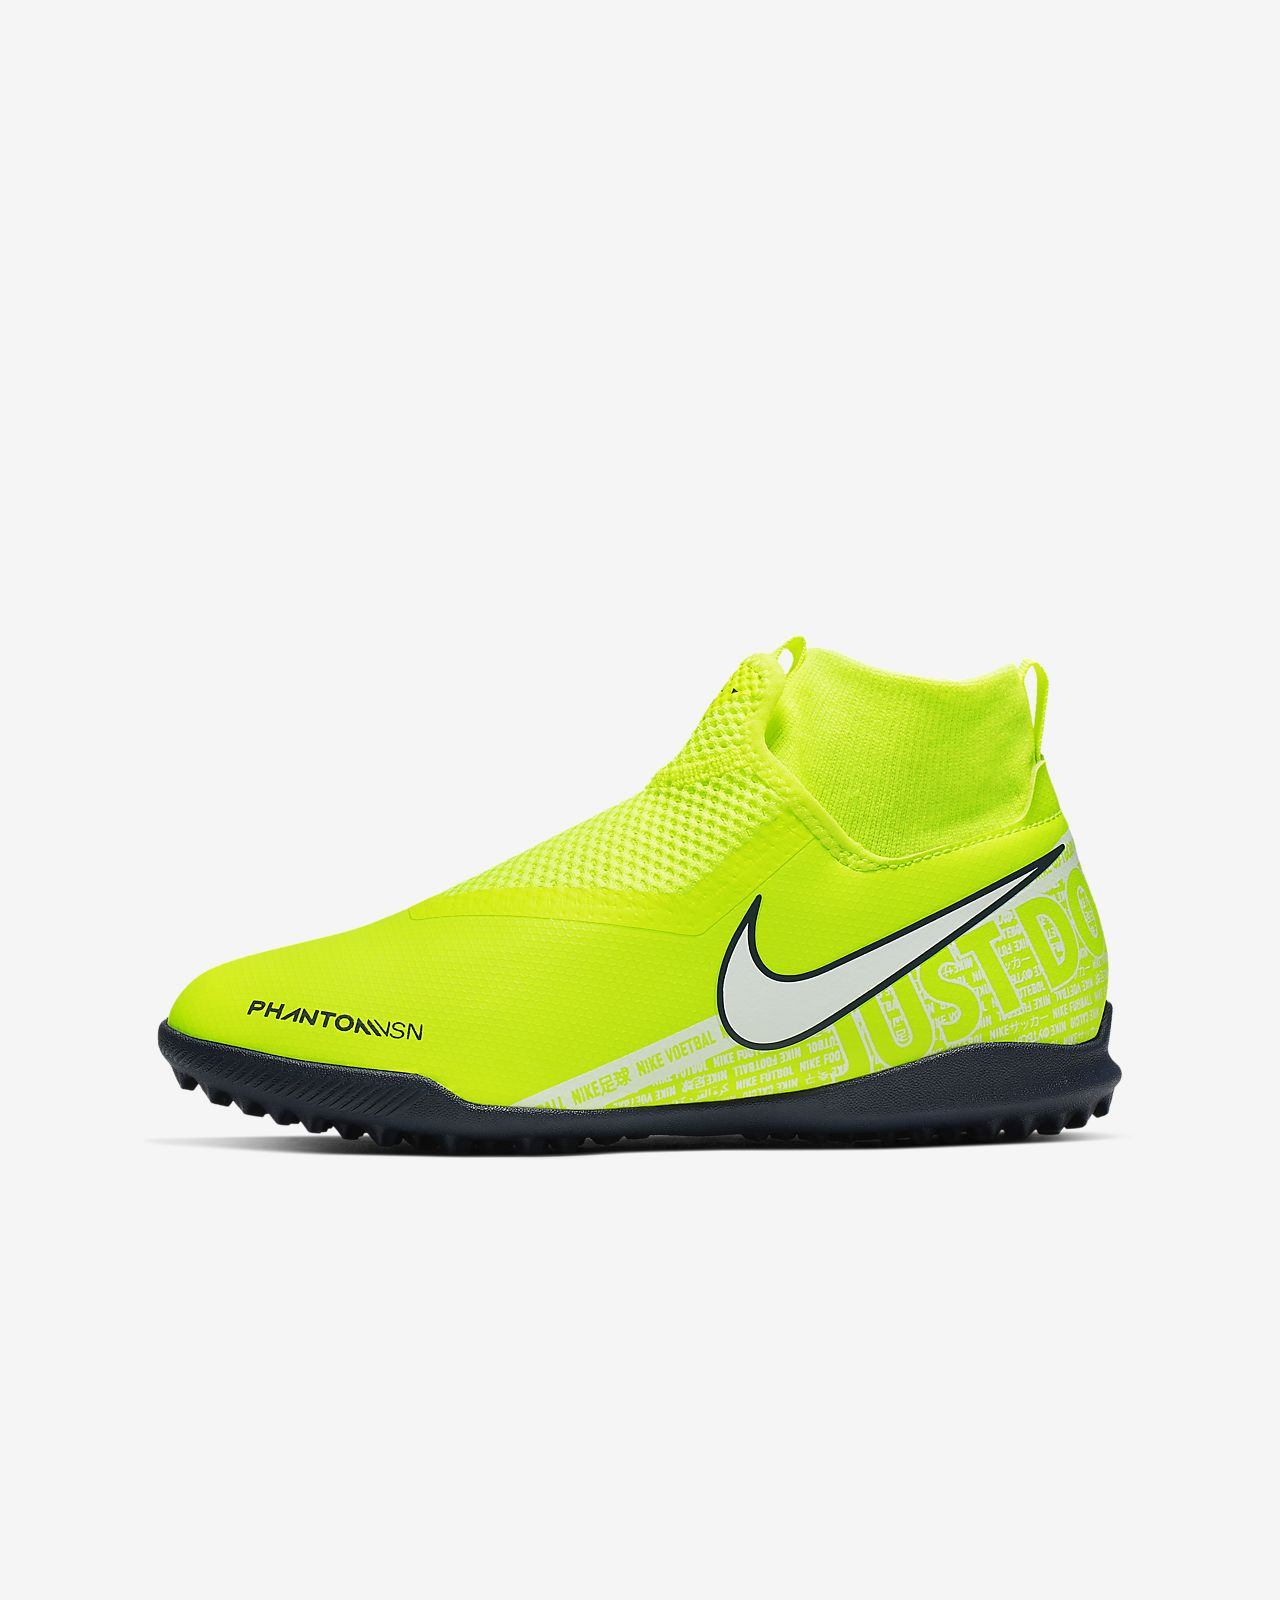 la moda più votata vasta selezione di miglior prezzo Scarpa da calcio per erba sintetica Nike Jr. Phantom Vision Academy Dynamic  Fit - Bambini/Ragazzi